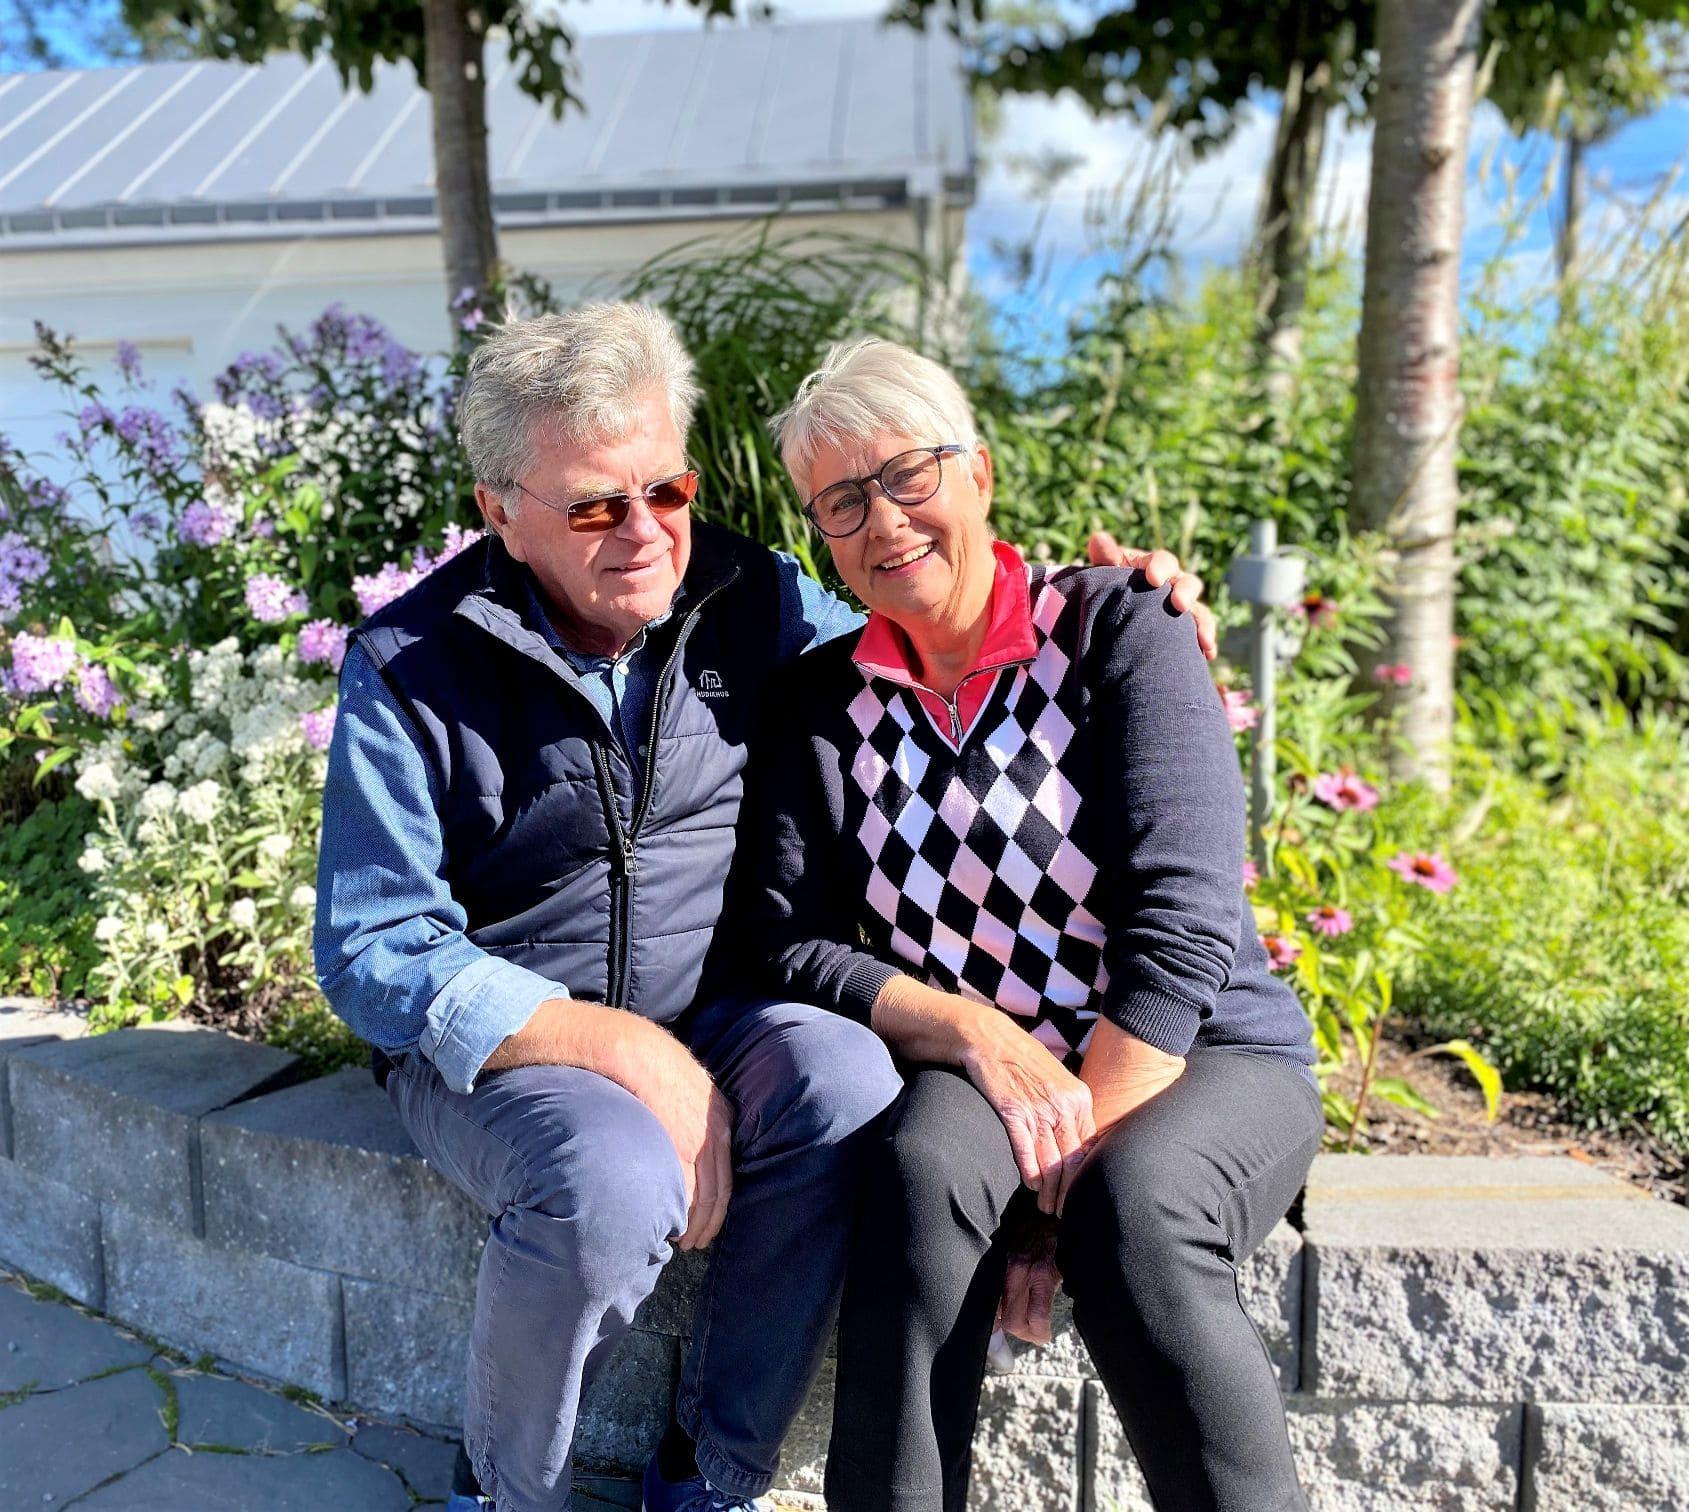 Anders och Eva Eriksson - Gröna Systrar har vida överträffat deras förväntningar